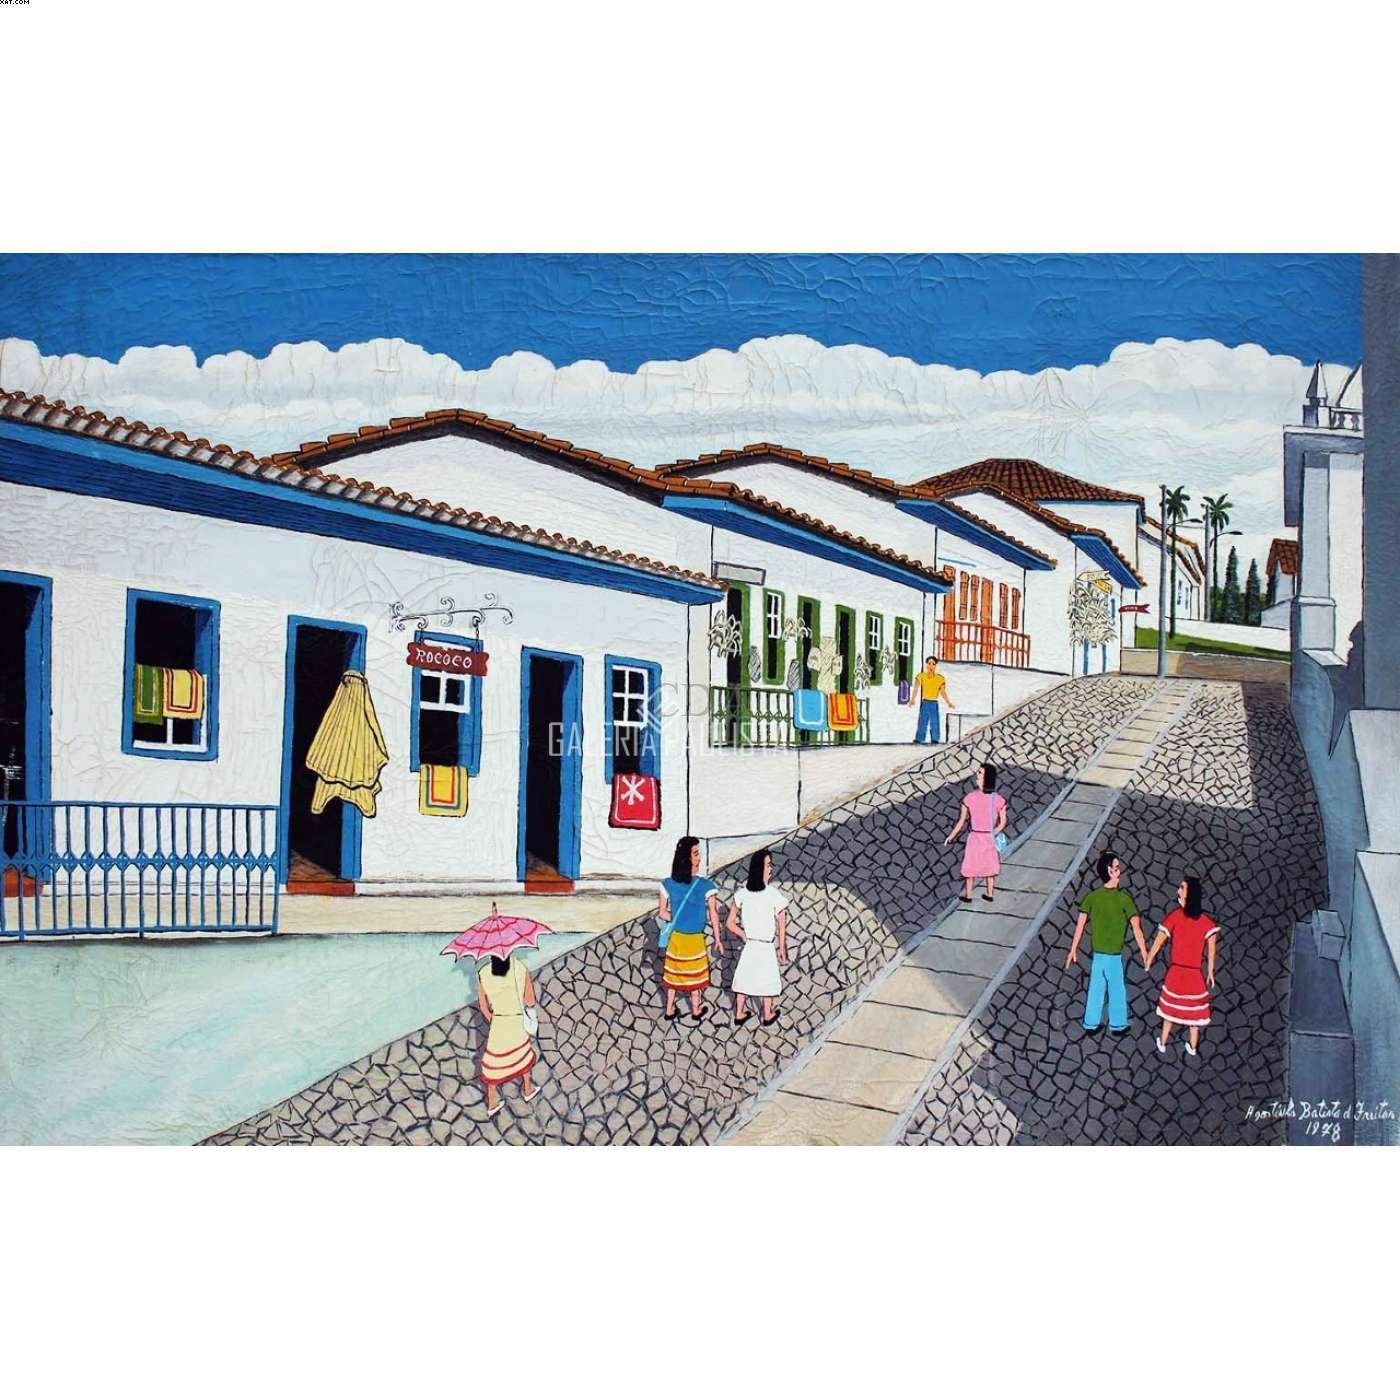 Ladeira de Ouro Preto - Agostinho Batista de Freitas (1927-1997)